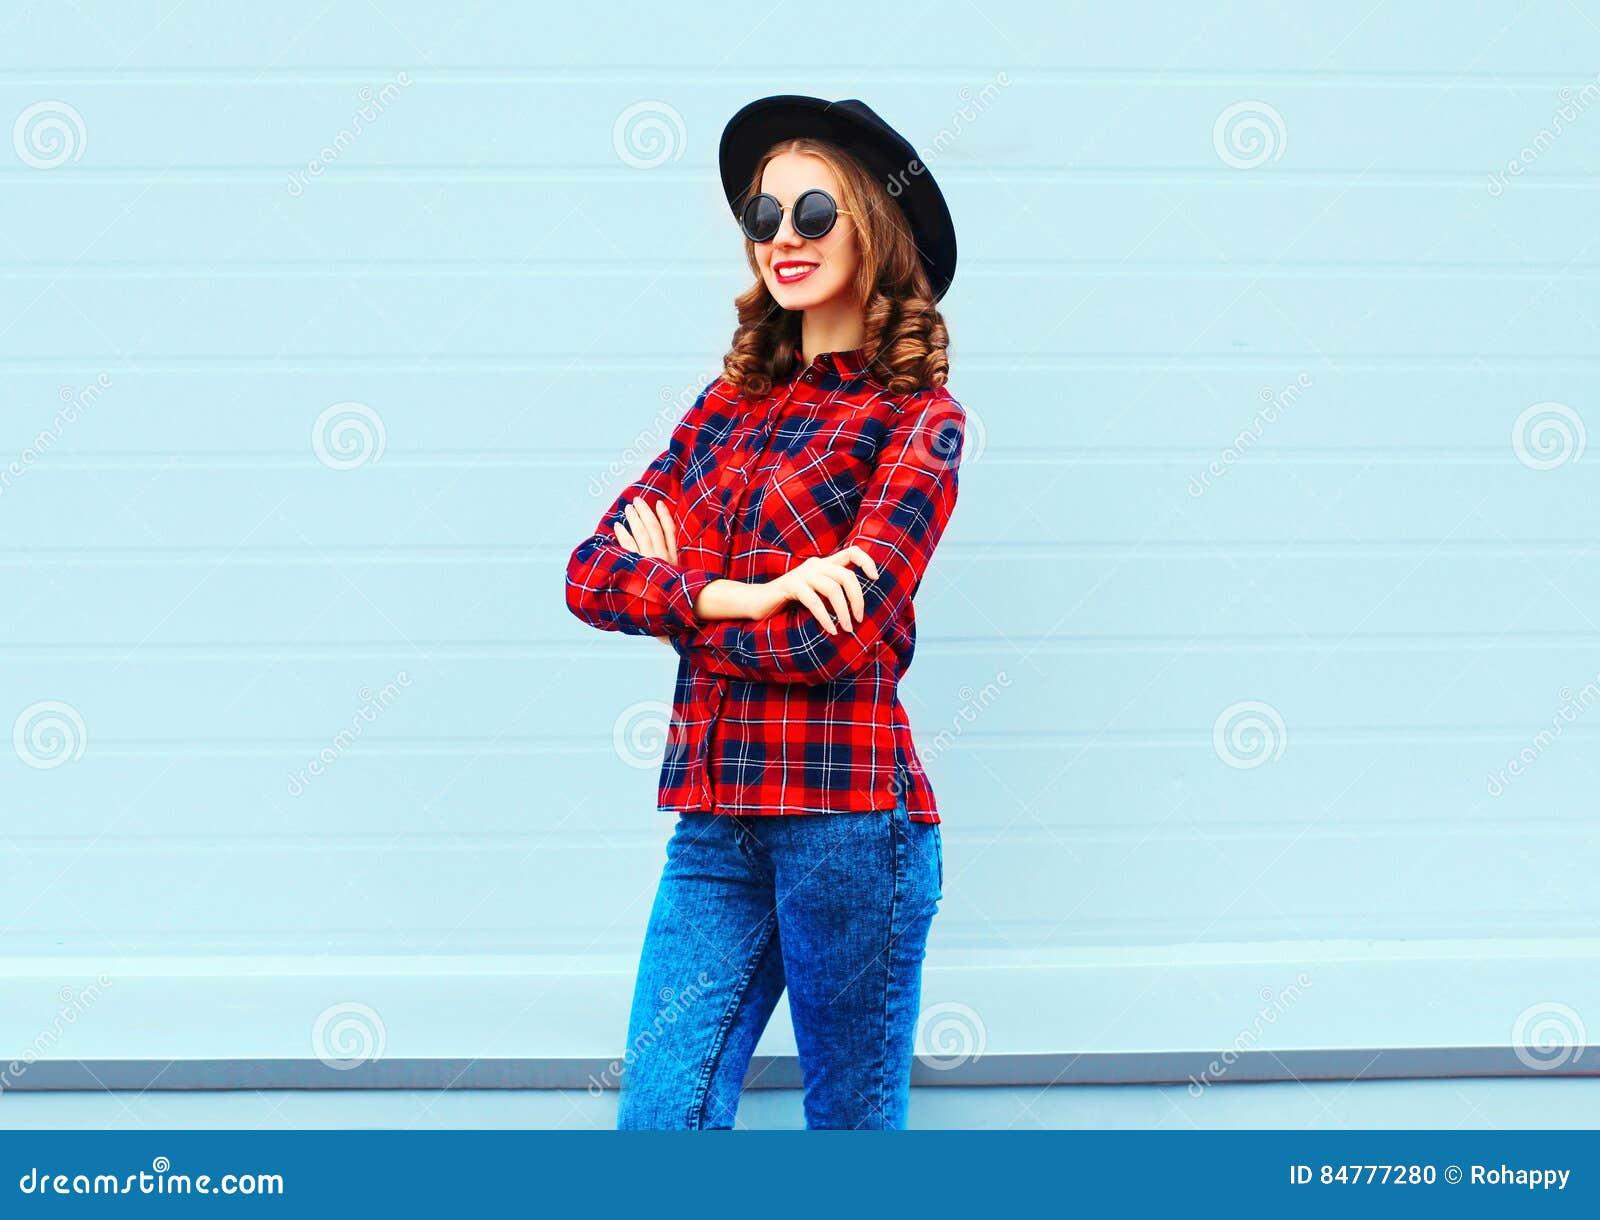 Faconnez La Jolie Jeune Femme Utilisant Le Chapeau Noir Chemise A